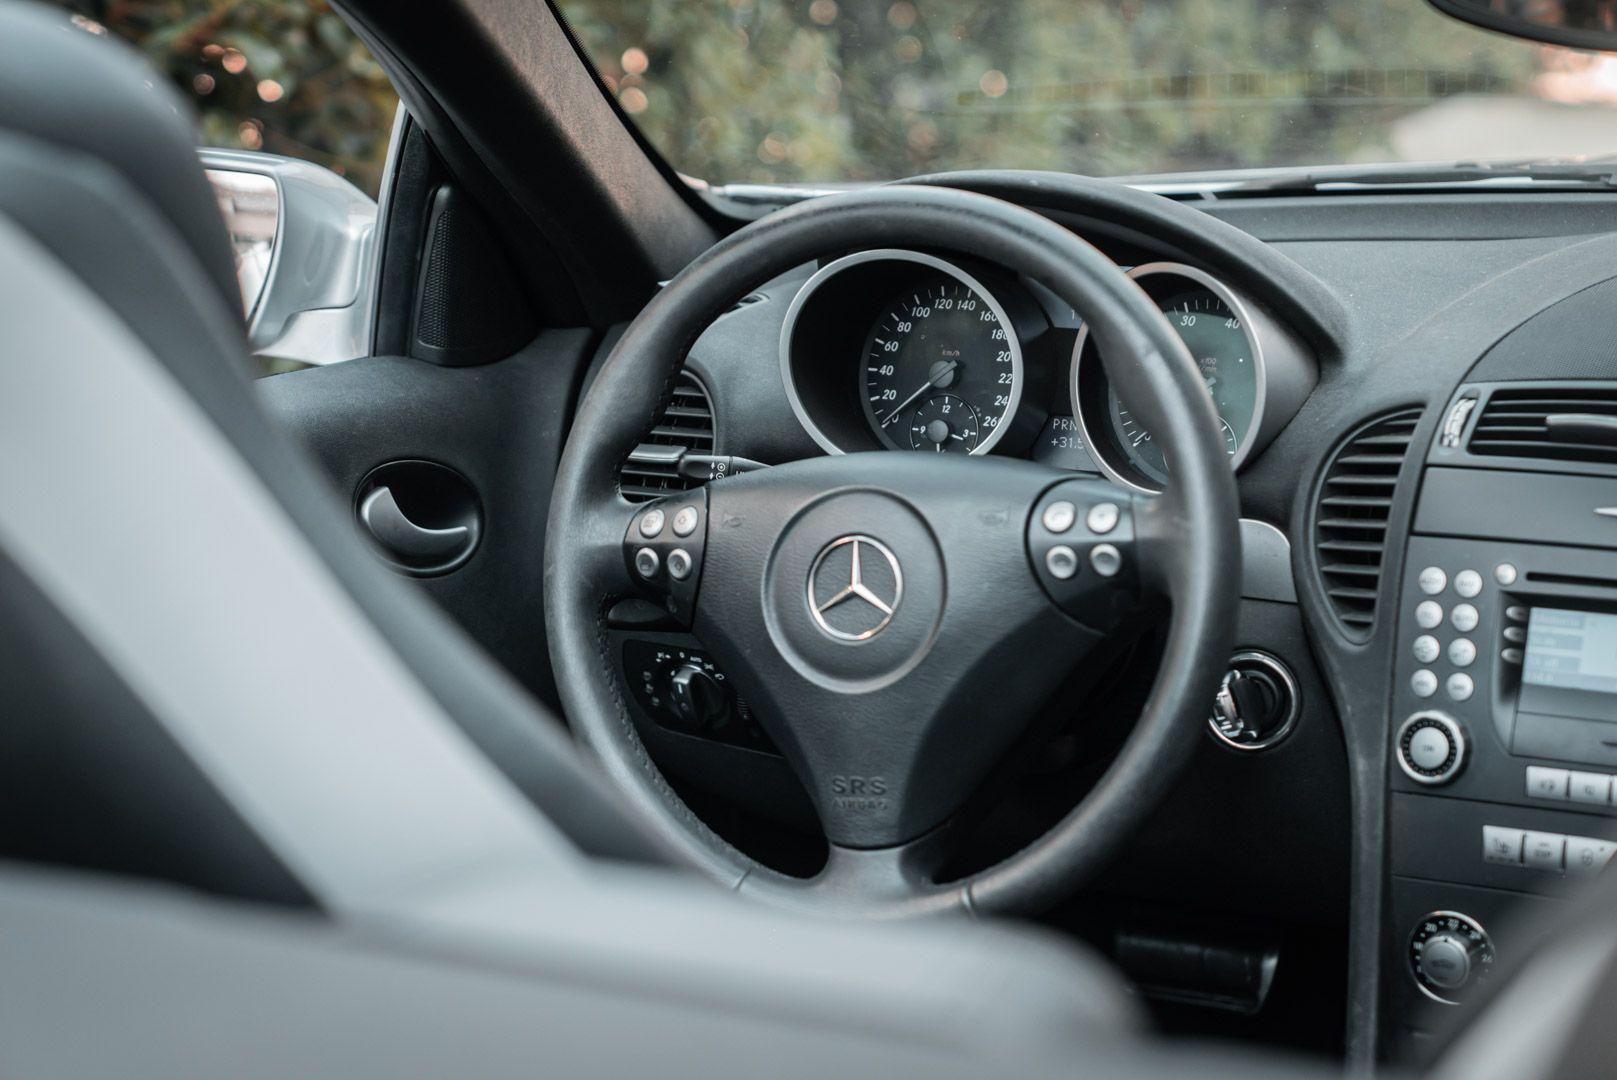 2004 Mercedes Benz SLK 200 Kompressor 80692